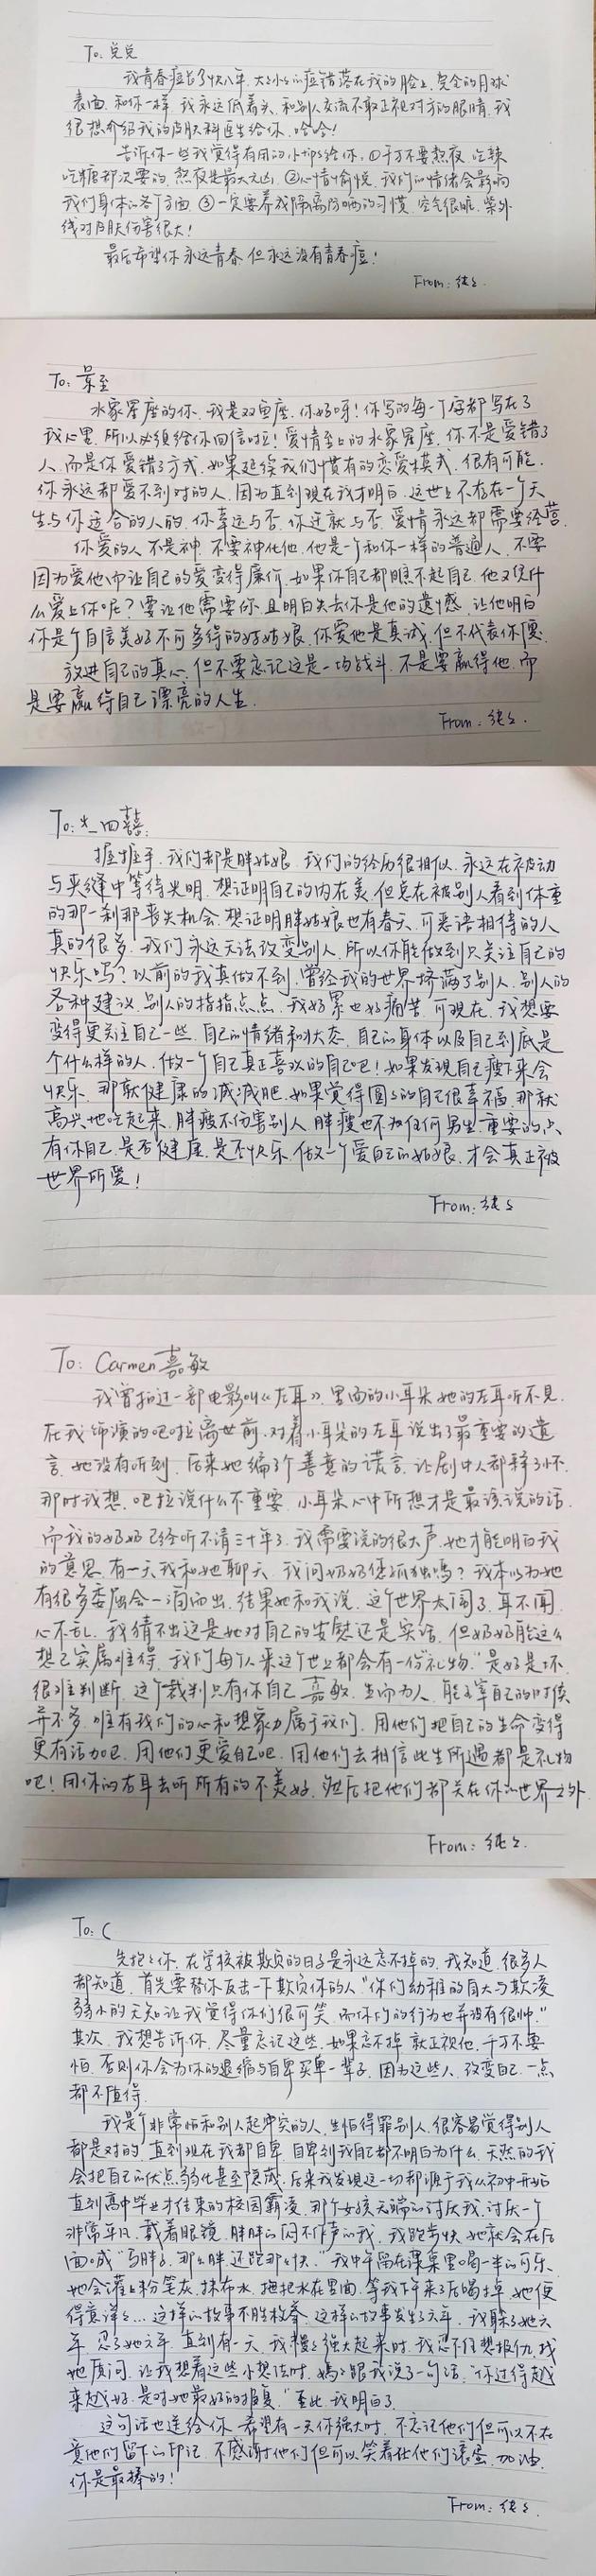 马思纯手写信鼓励网友说了什么?马思纯手写信全文内容曝光